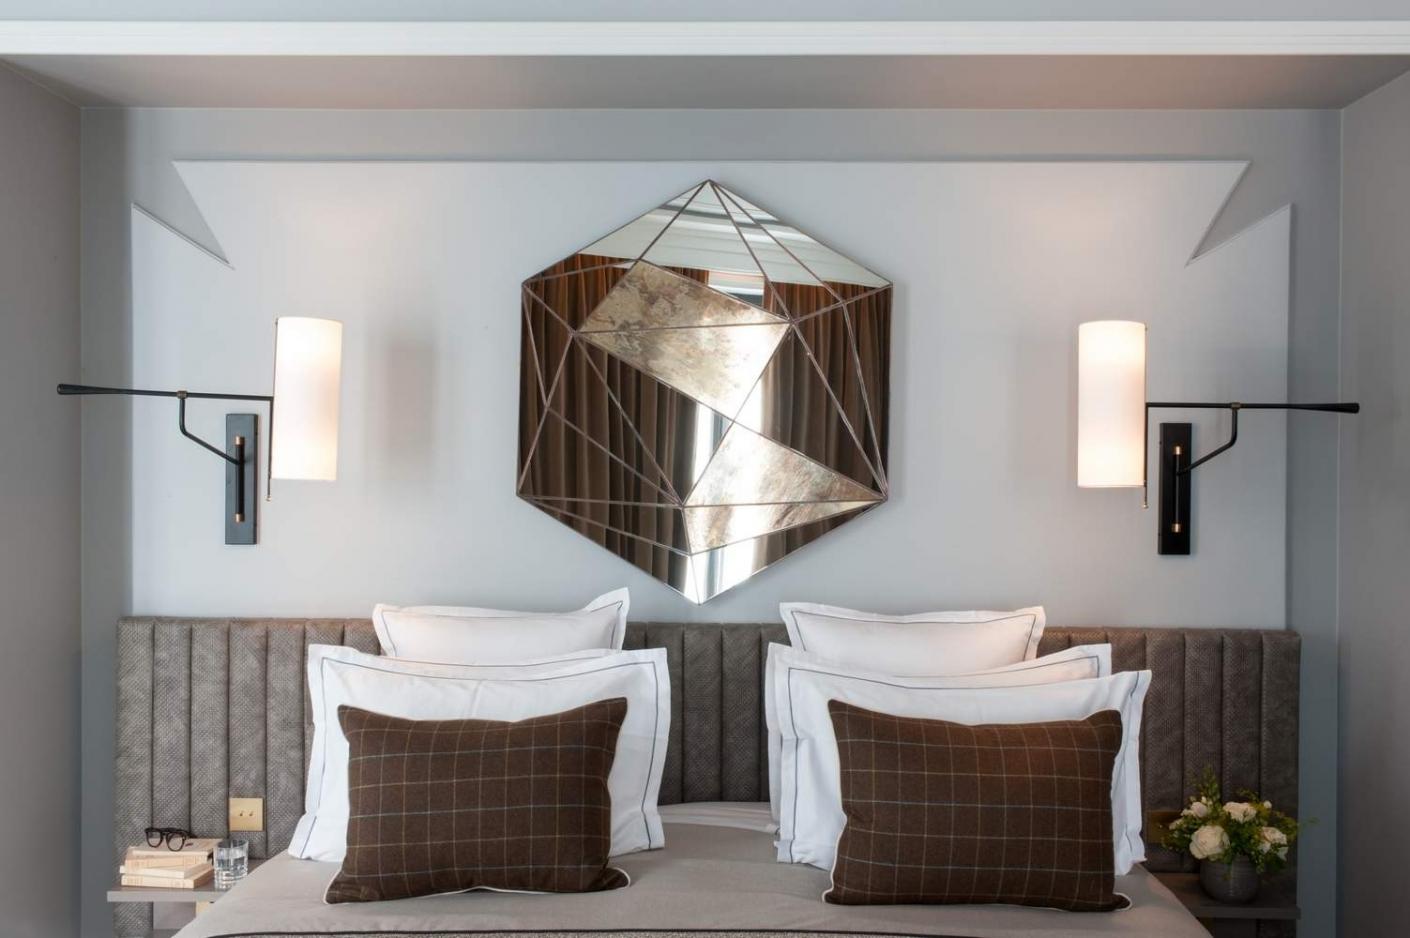 Luxury Hotels In Paris For Maison et Objet 2017  maison et objet 2017 6 Luxury Hotels In Paris For Maison et Objet 2017 Luxury Hotels In Paris For Maison et Objet 2017 4